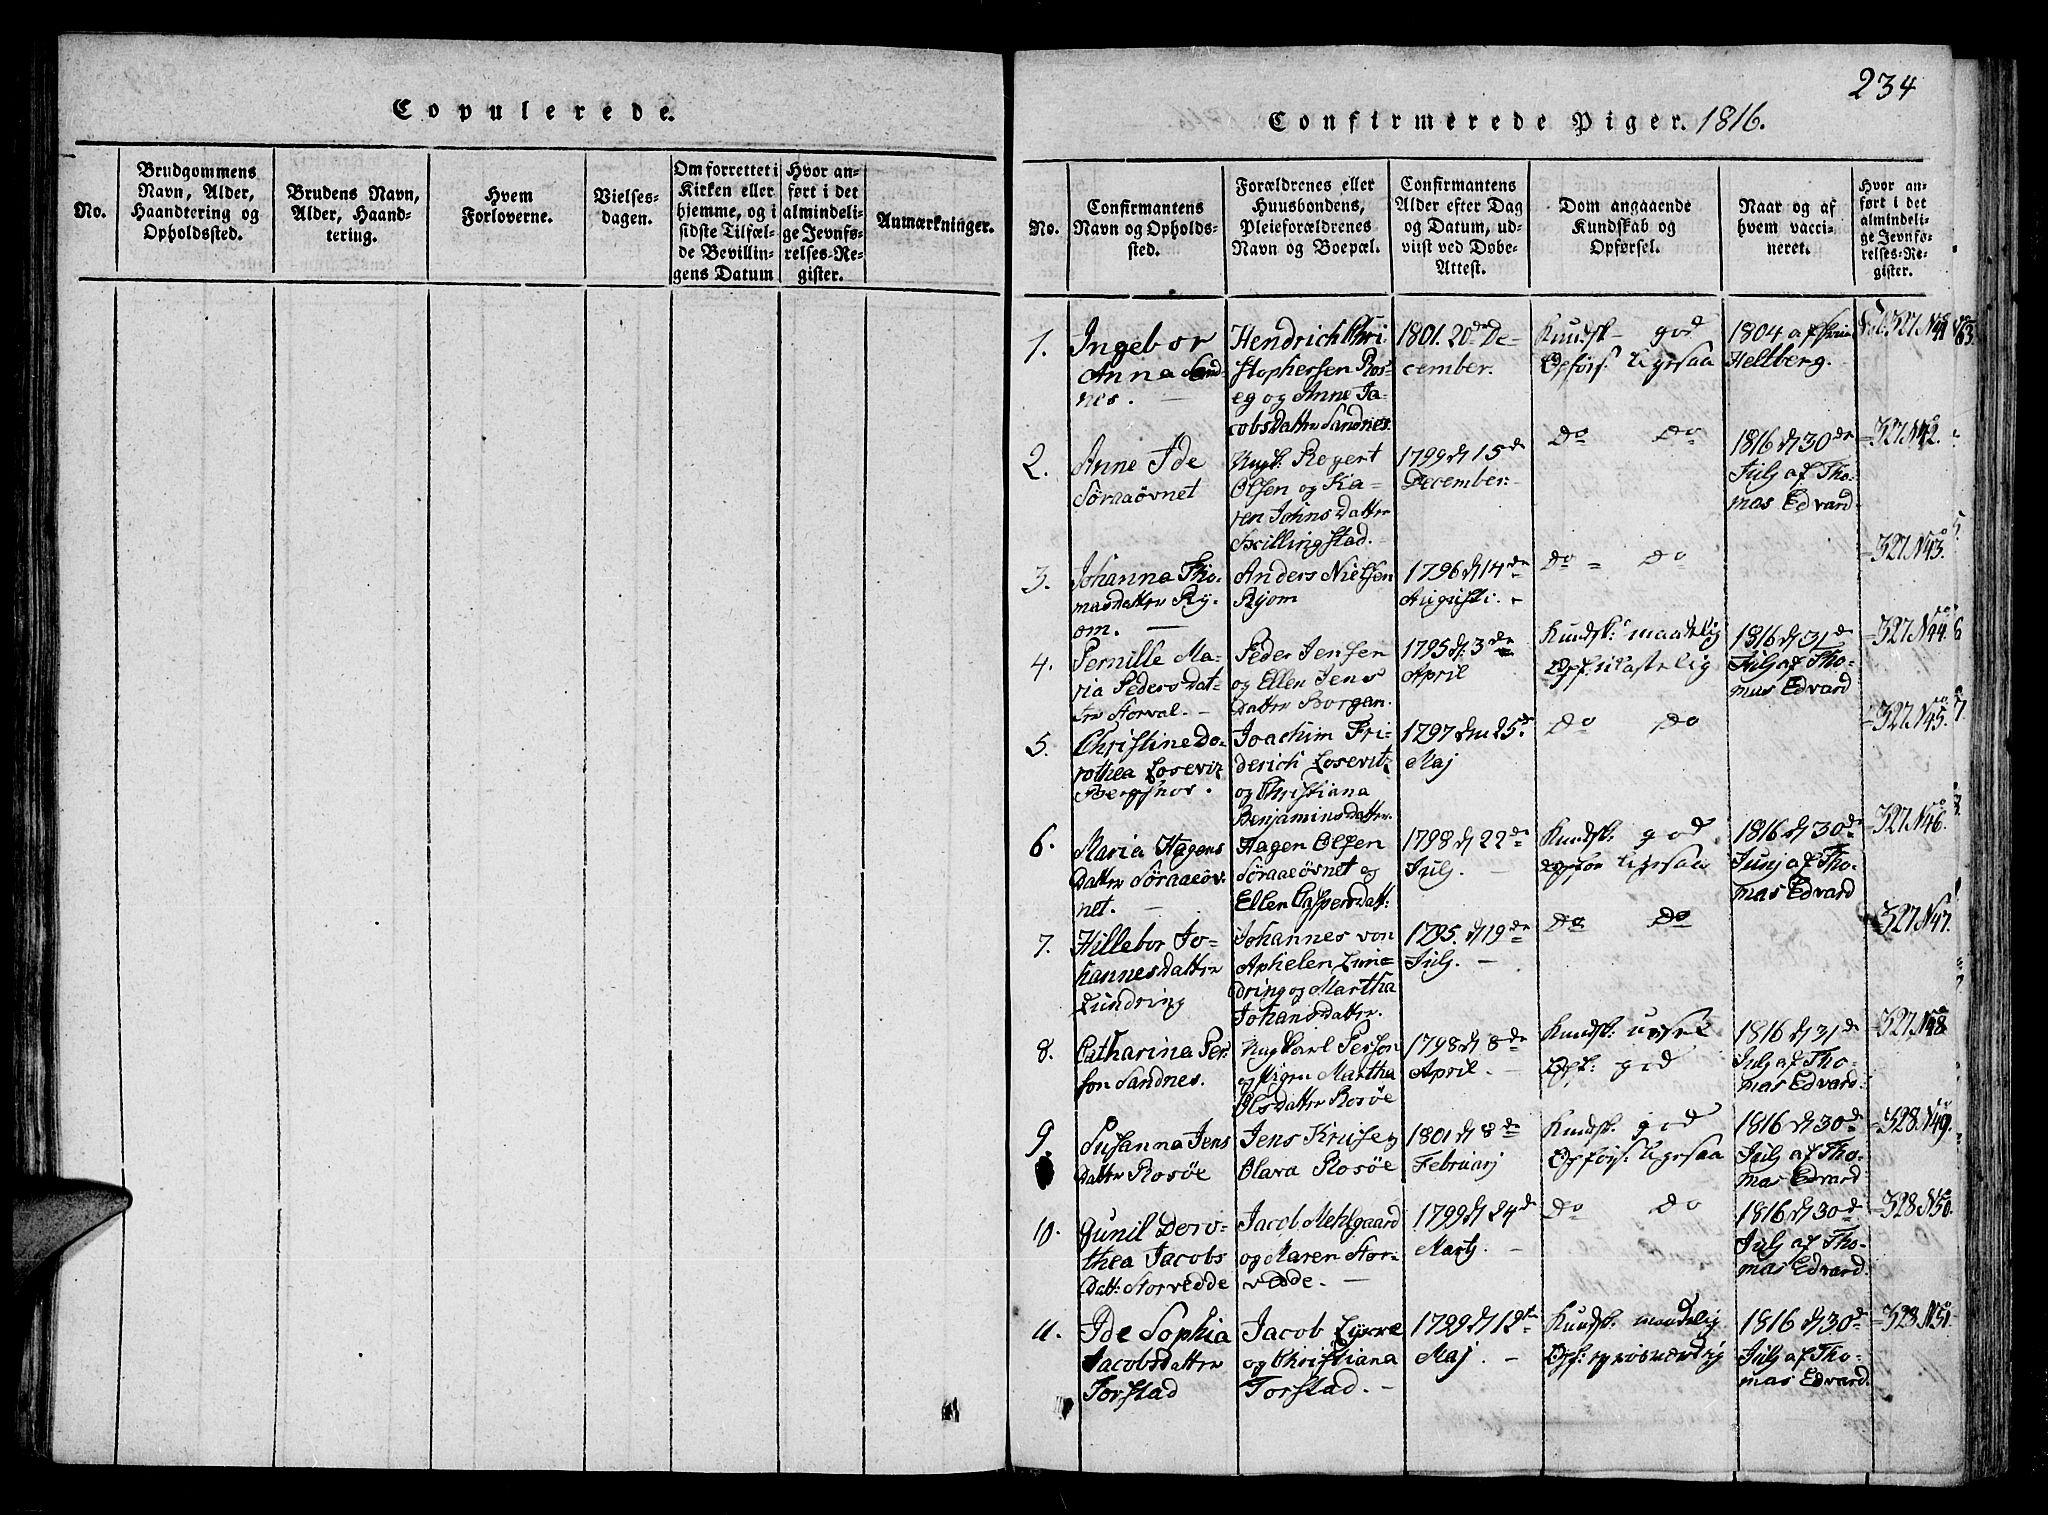 SAT, Ministerialprotokoller, klokkerbøker og fødselsregistre - Nord-Trøndelag, 784/L0667: Ministerialbok nr. 784A03 /1, 1816-1829, s. 234